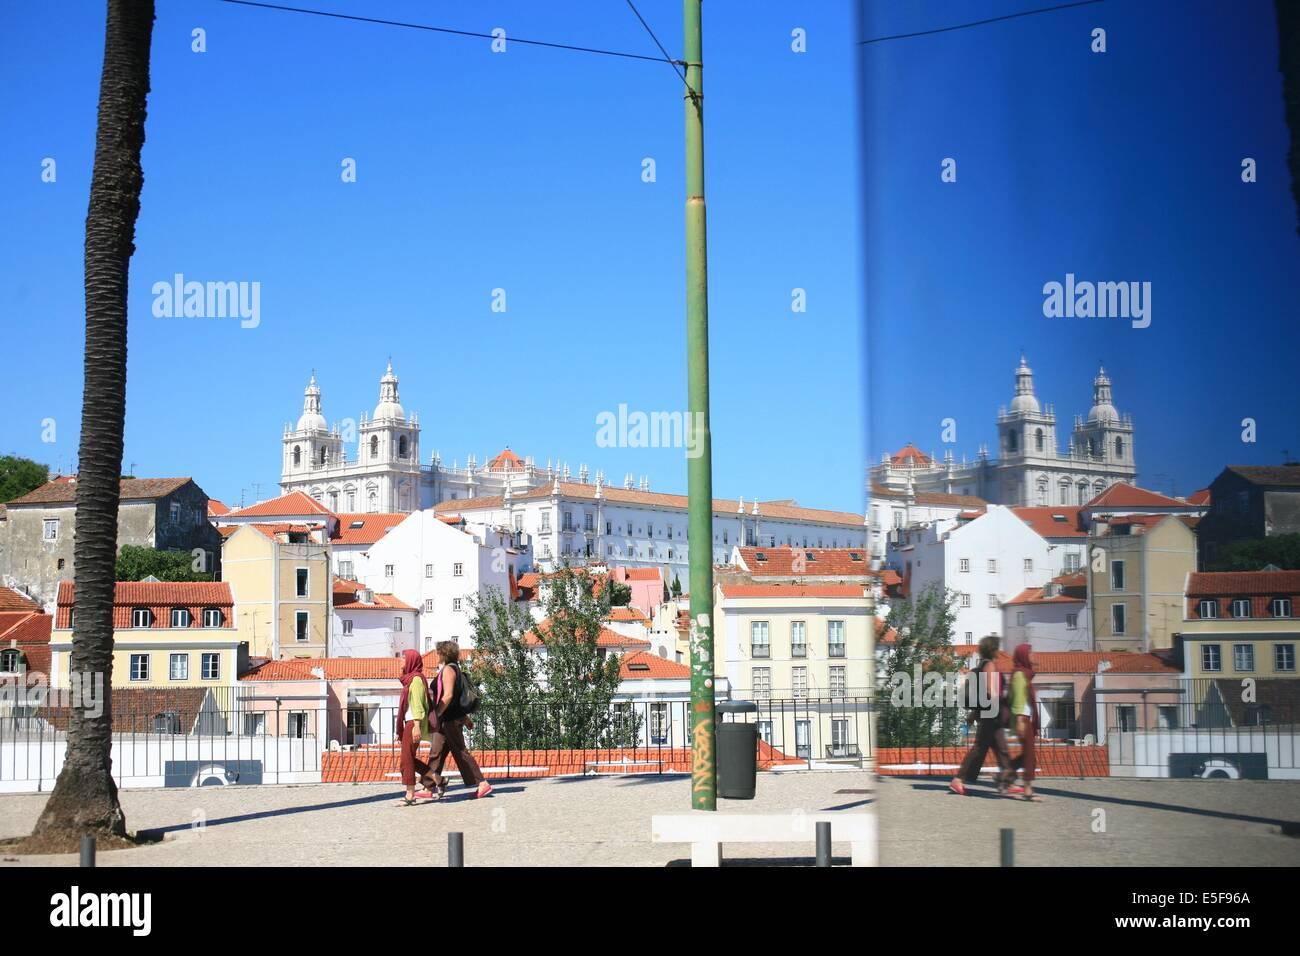 portugal, lisbonne, lisboa, signes de ville, alfama, panorama sur toits et le tage, reflet, paysage, toits Date - Stock Image